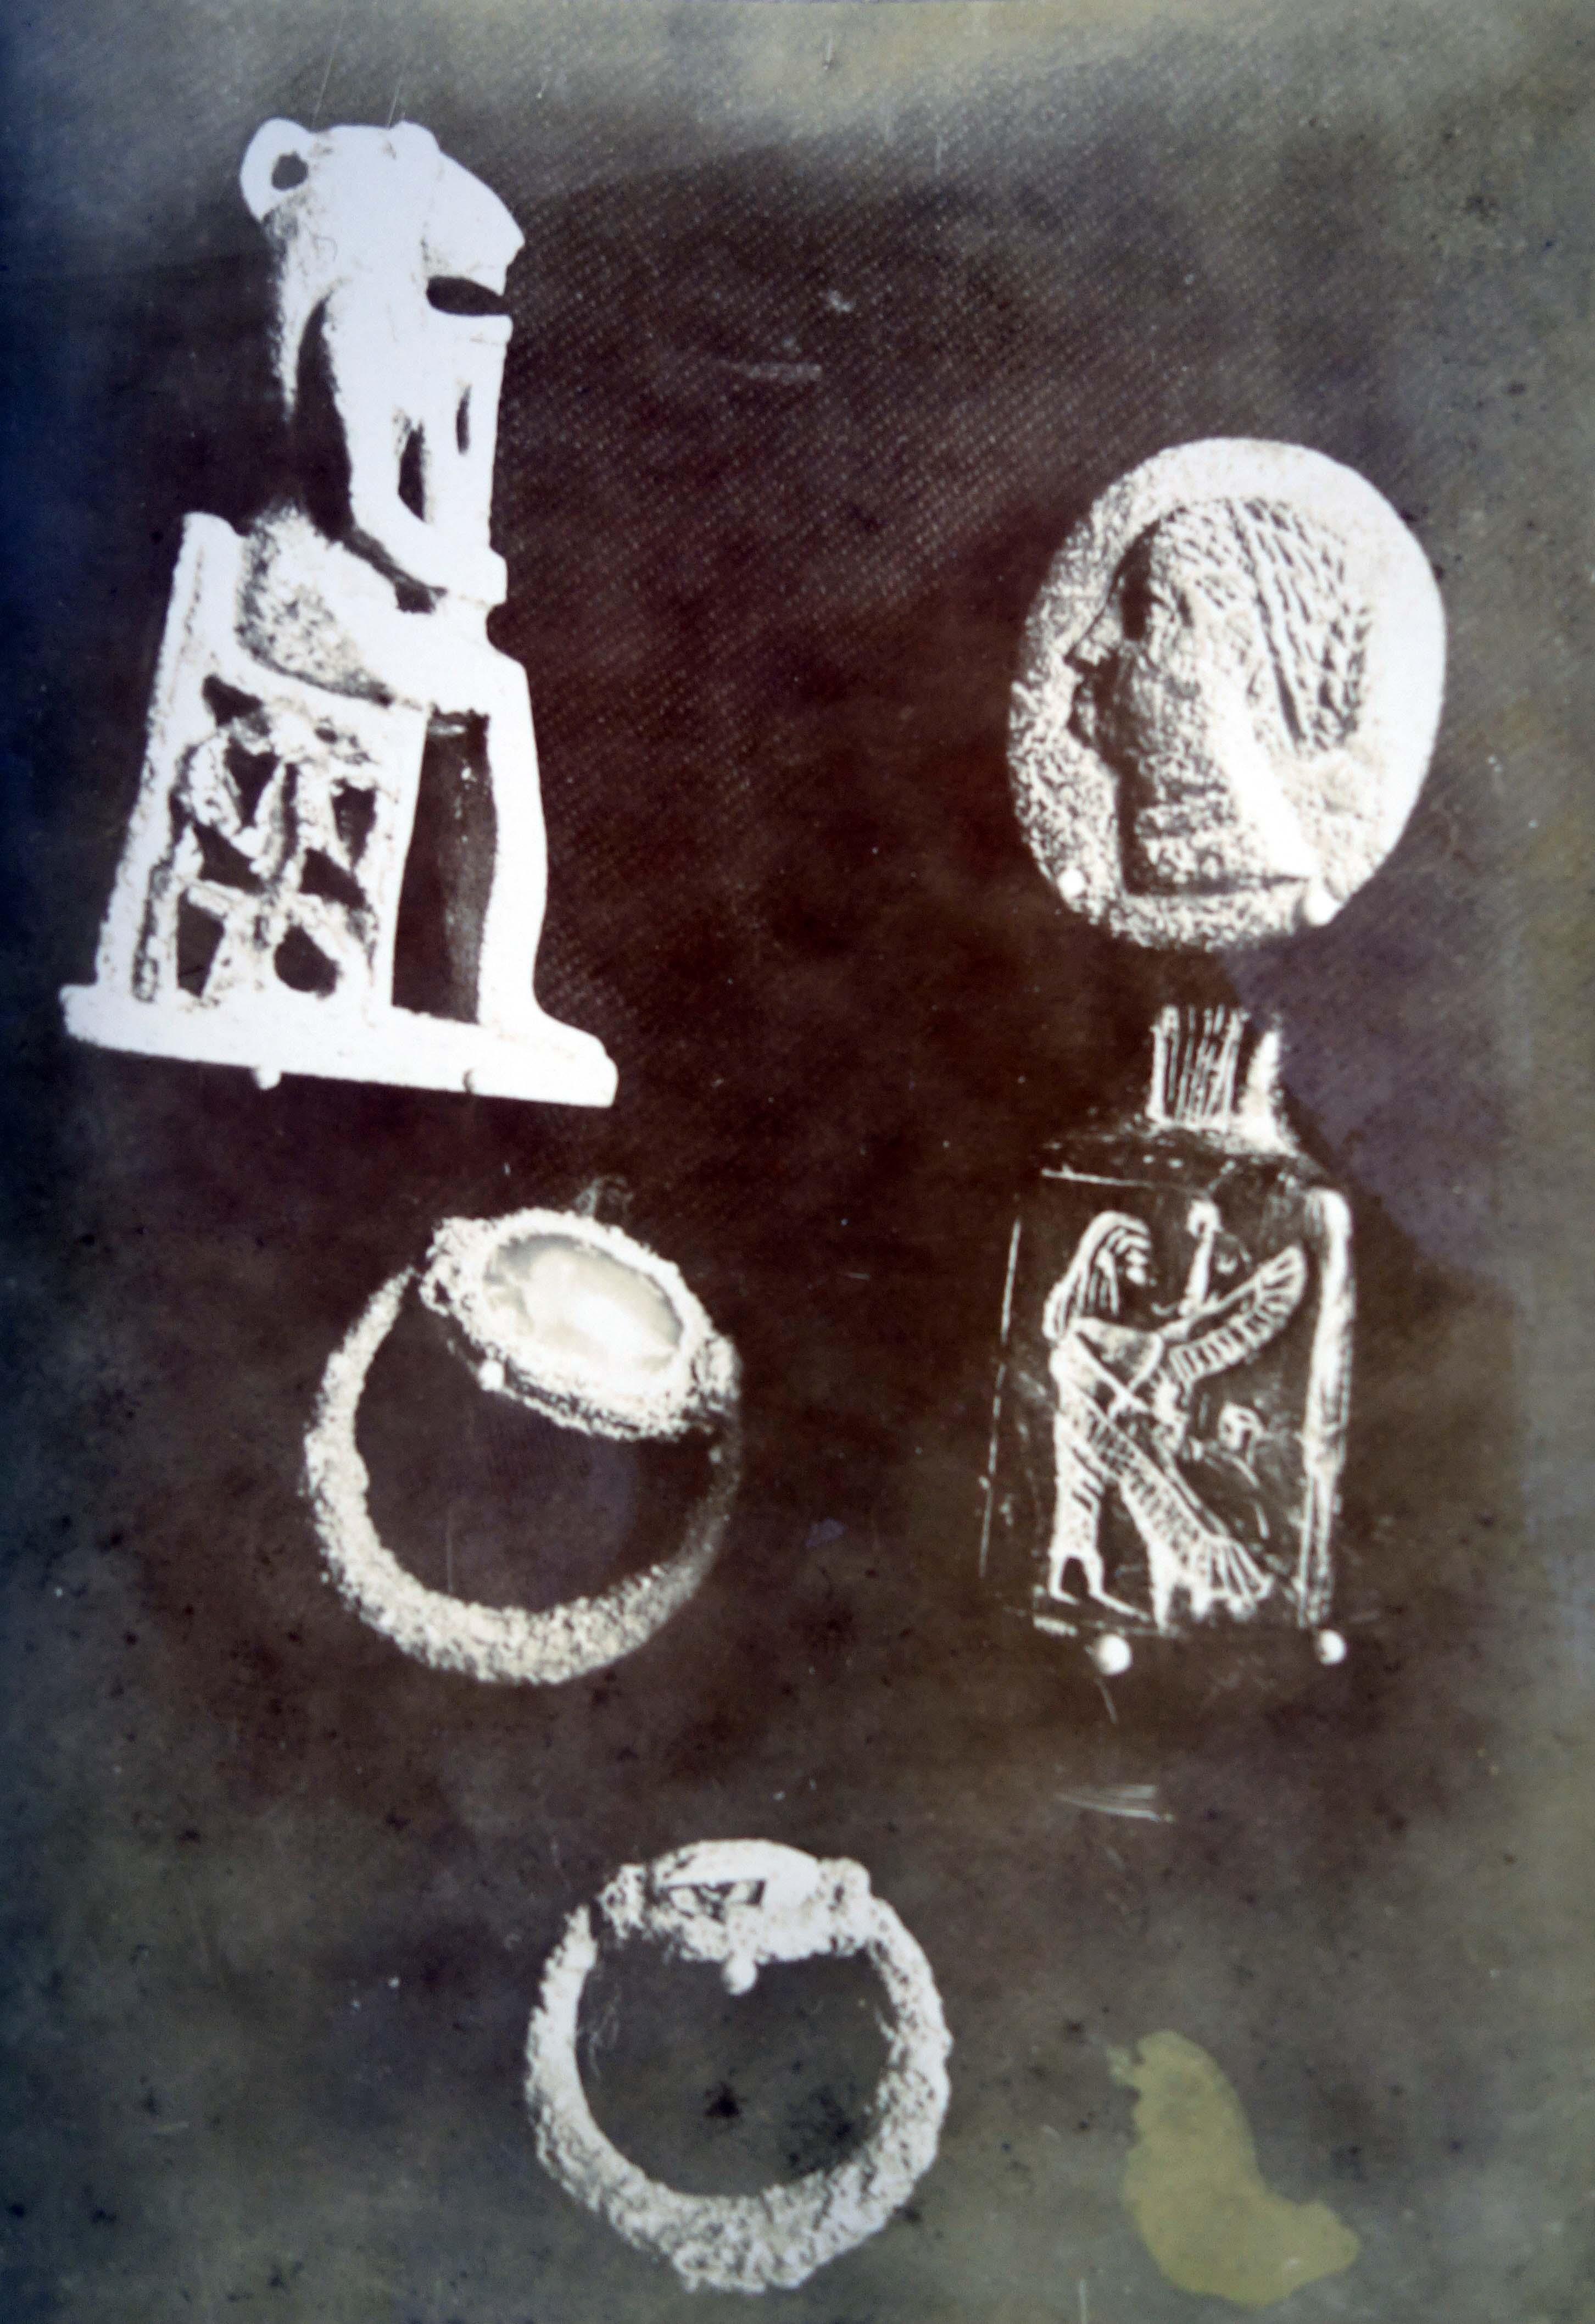 Pierides image 3